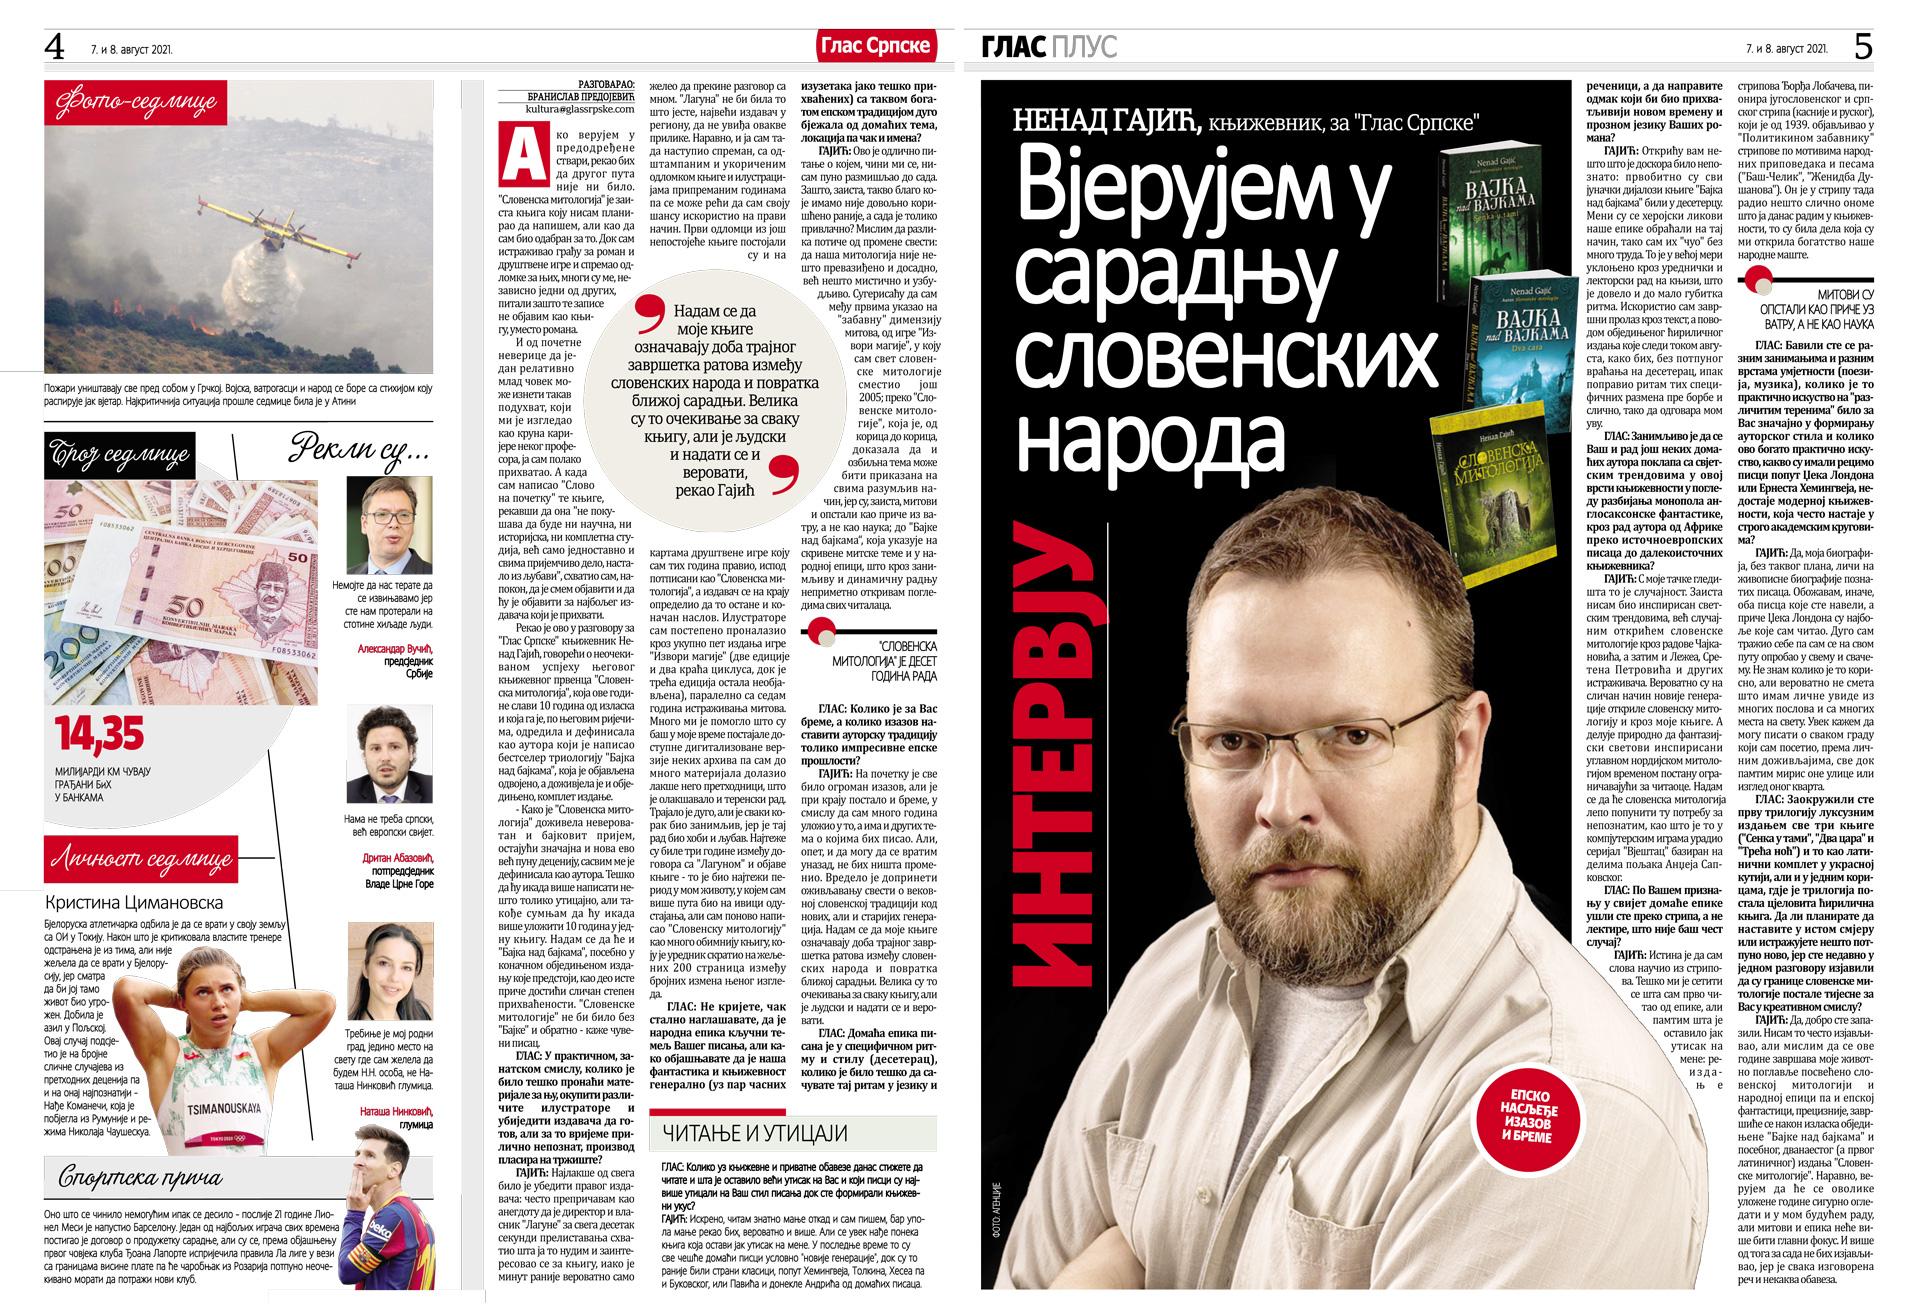 Slika intervjua u novinama